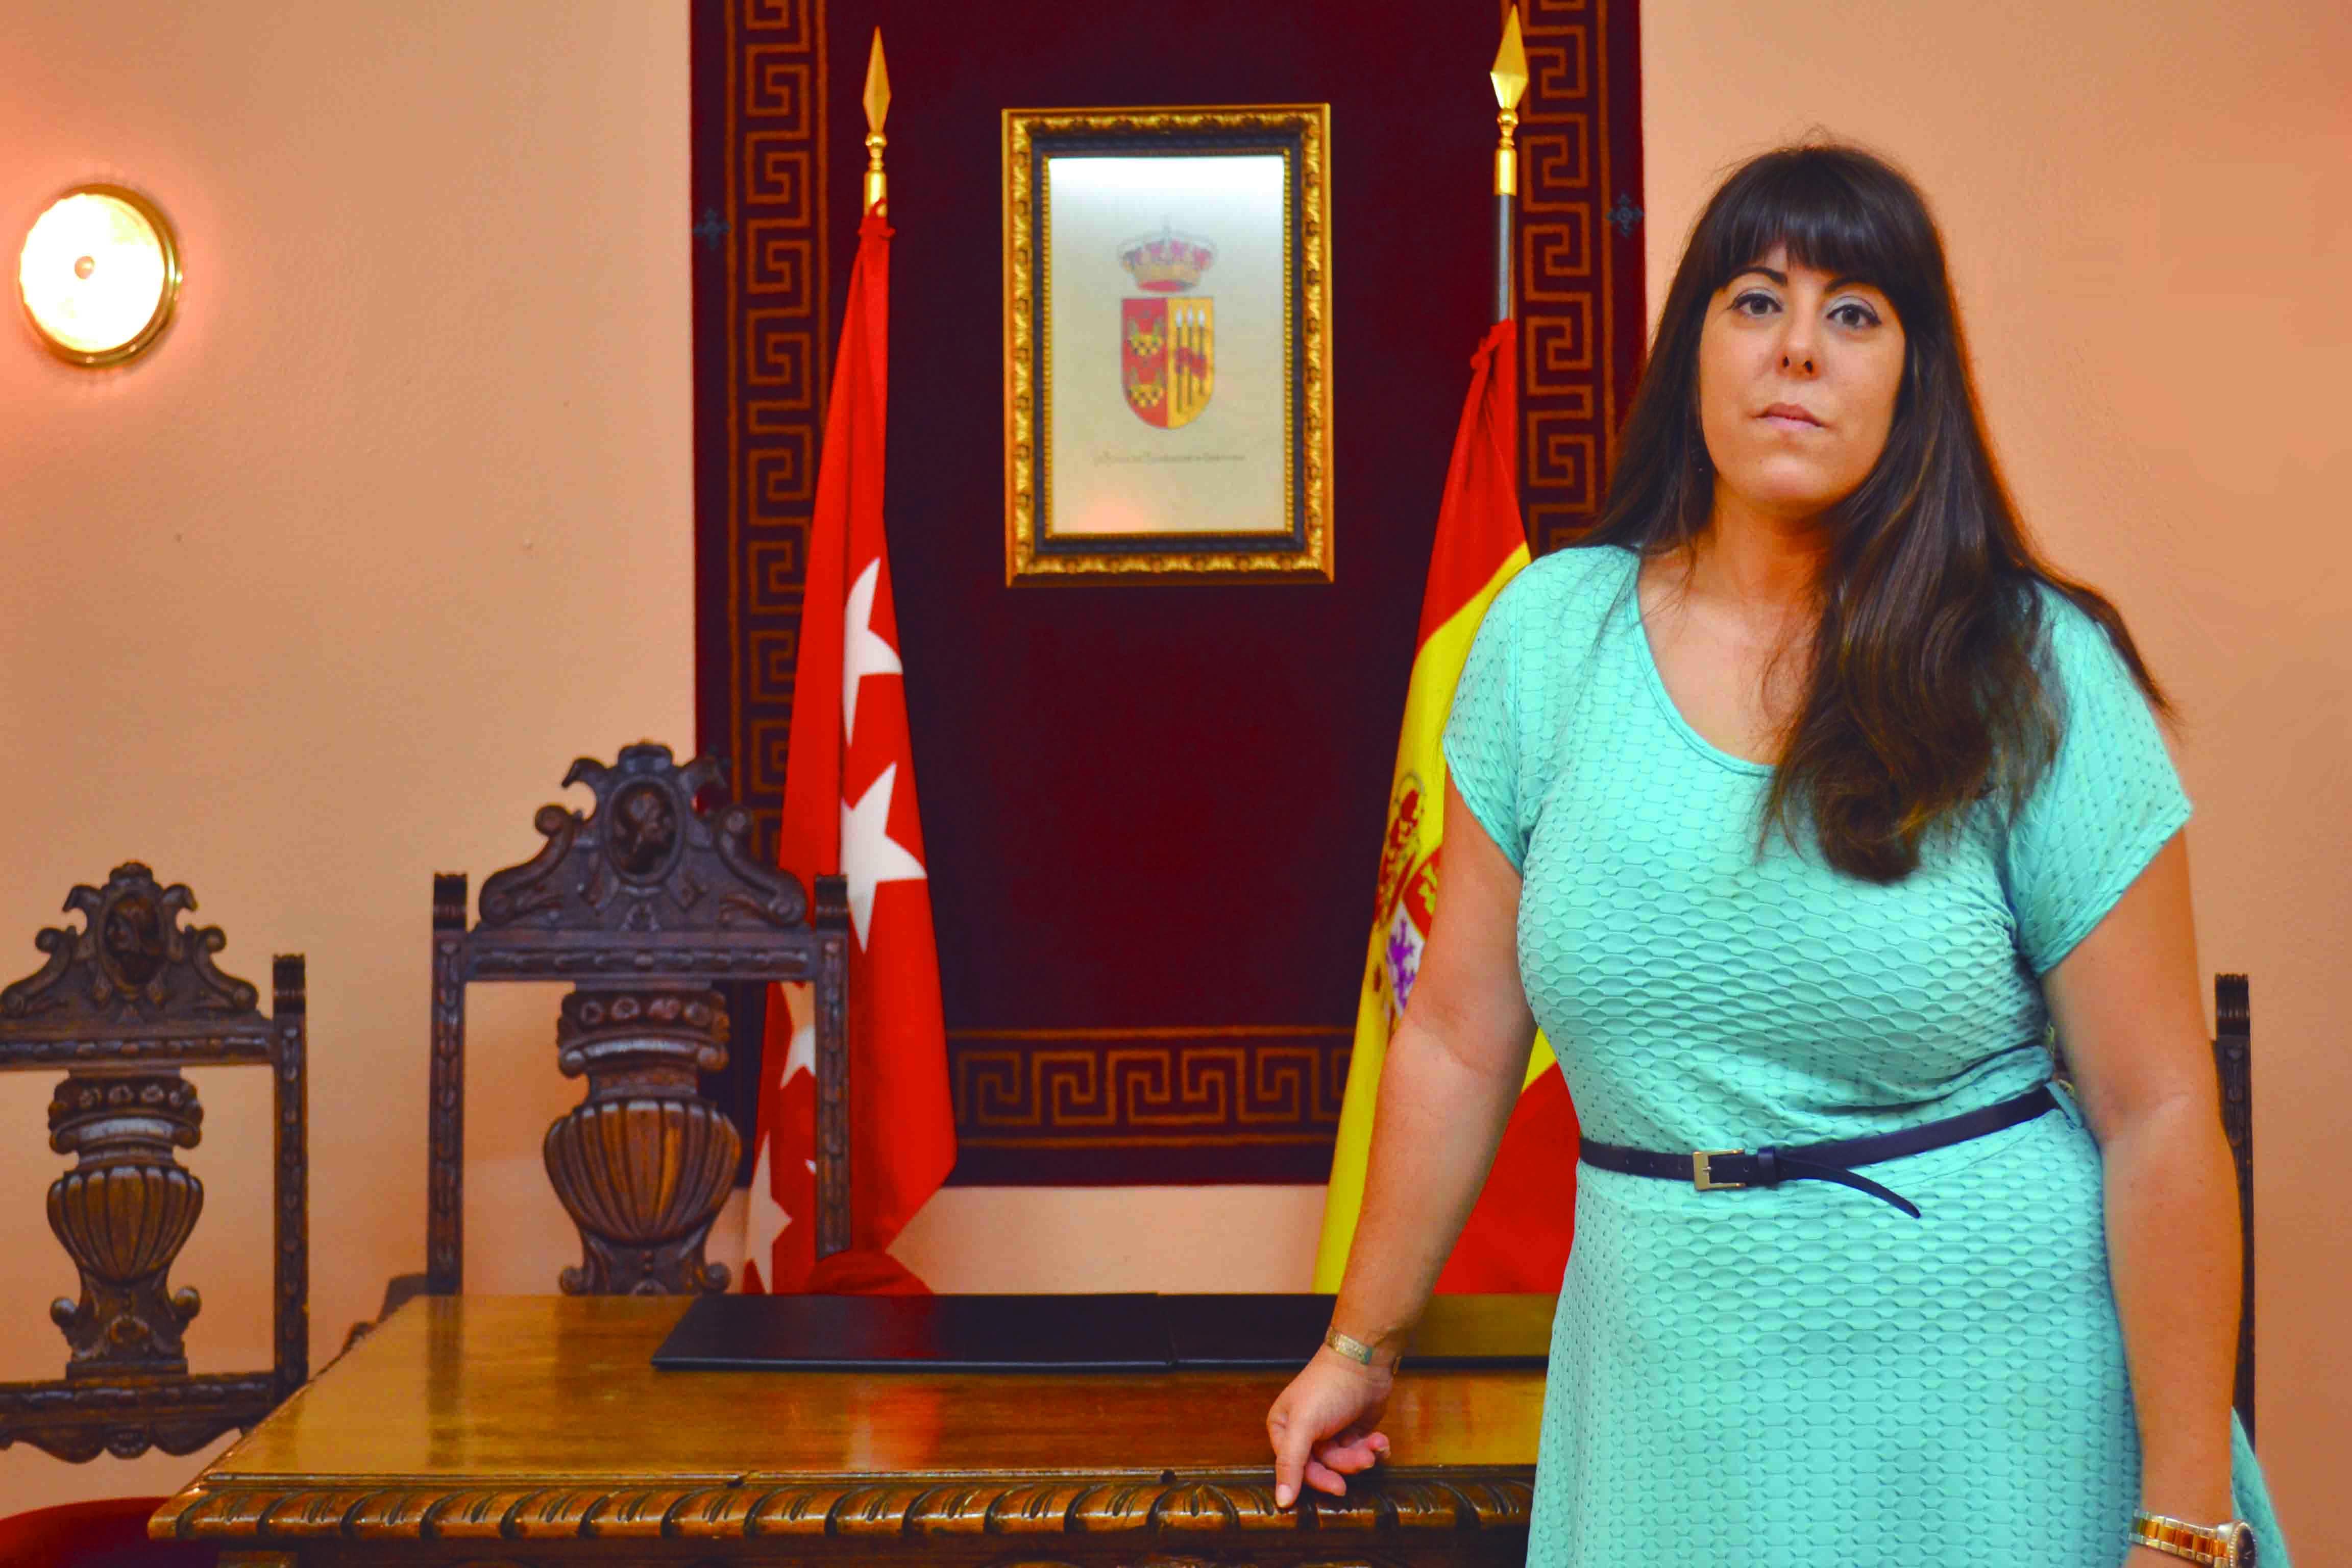 La alcadesa, Natalia Núñez.